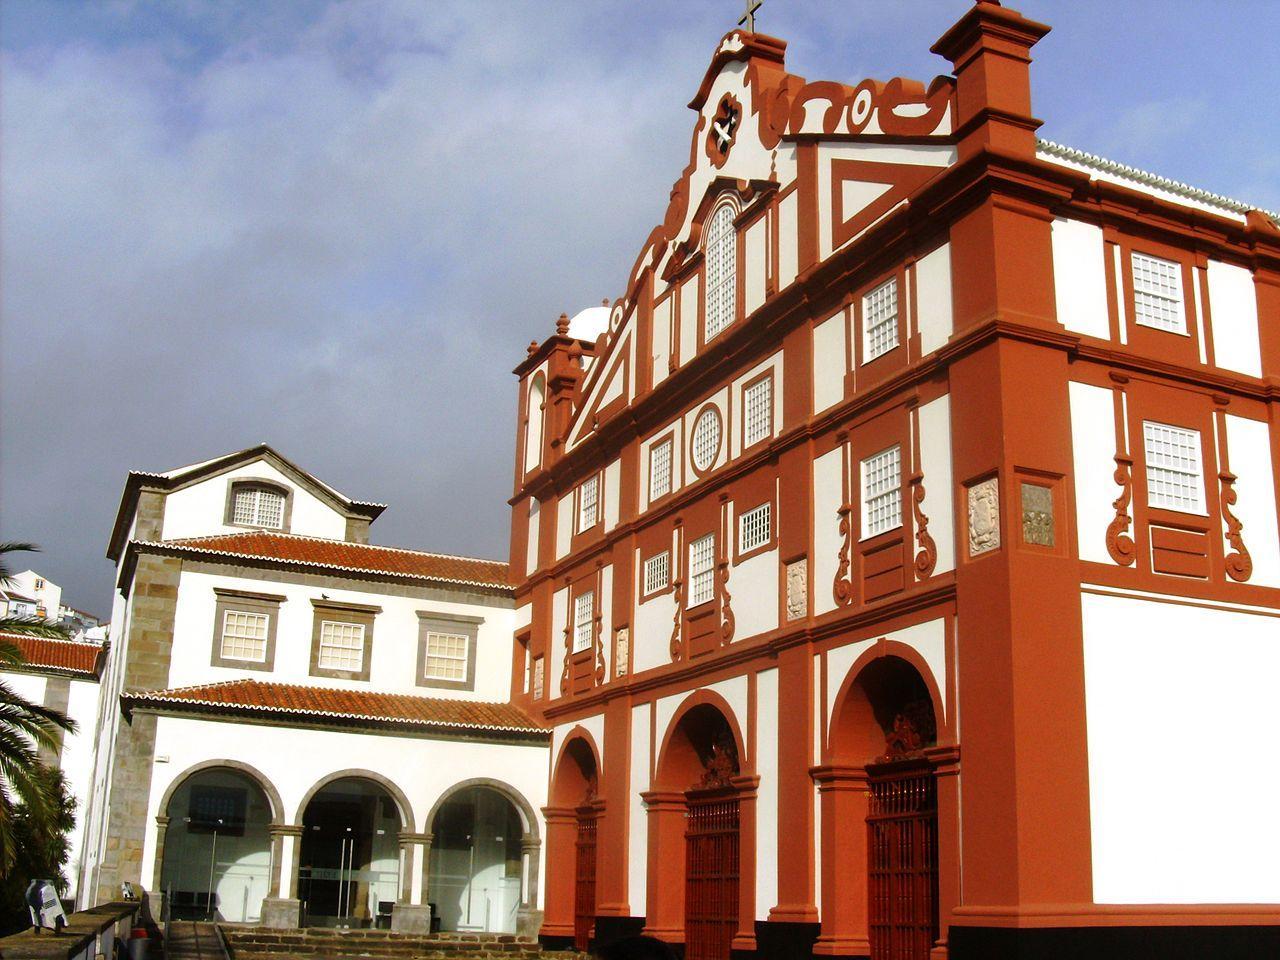 Museu de Angra do Heroísmo, Ilha Terceira, Açores